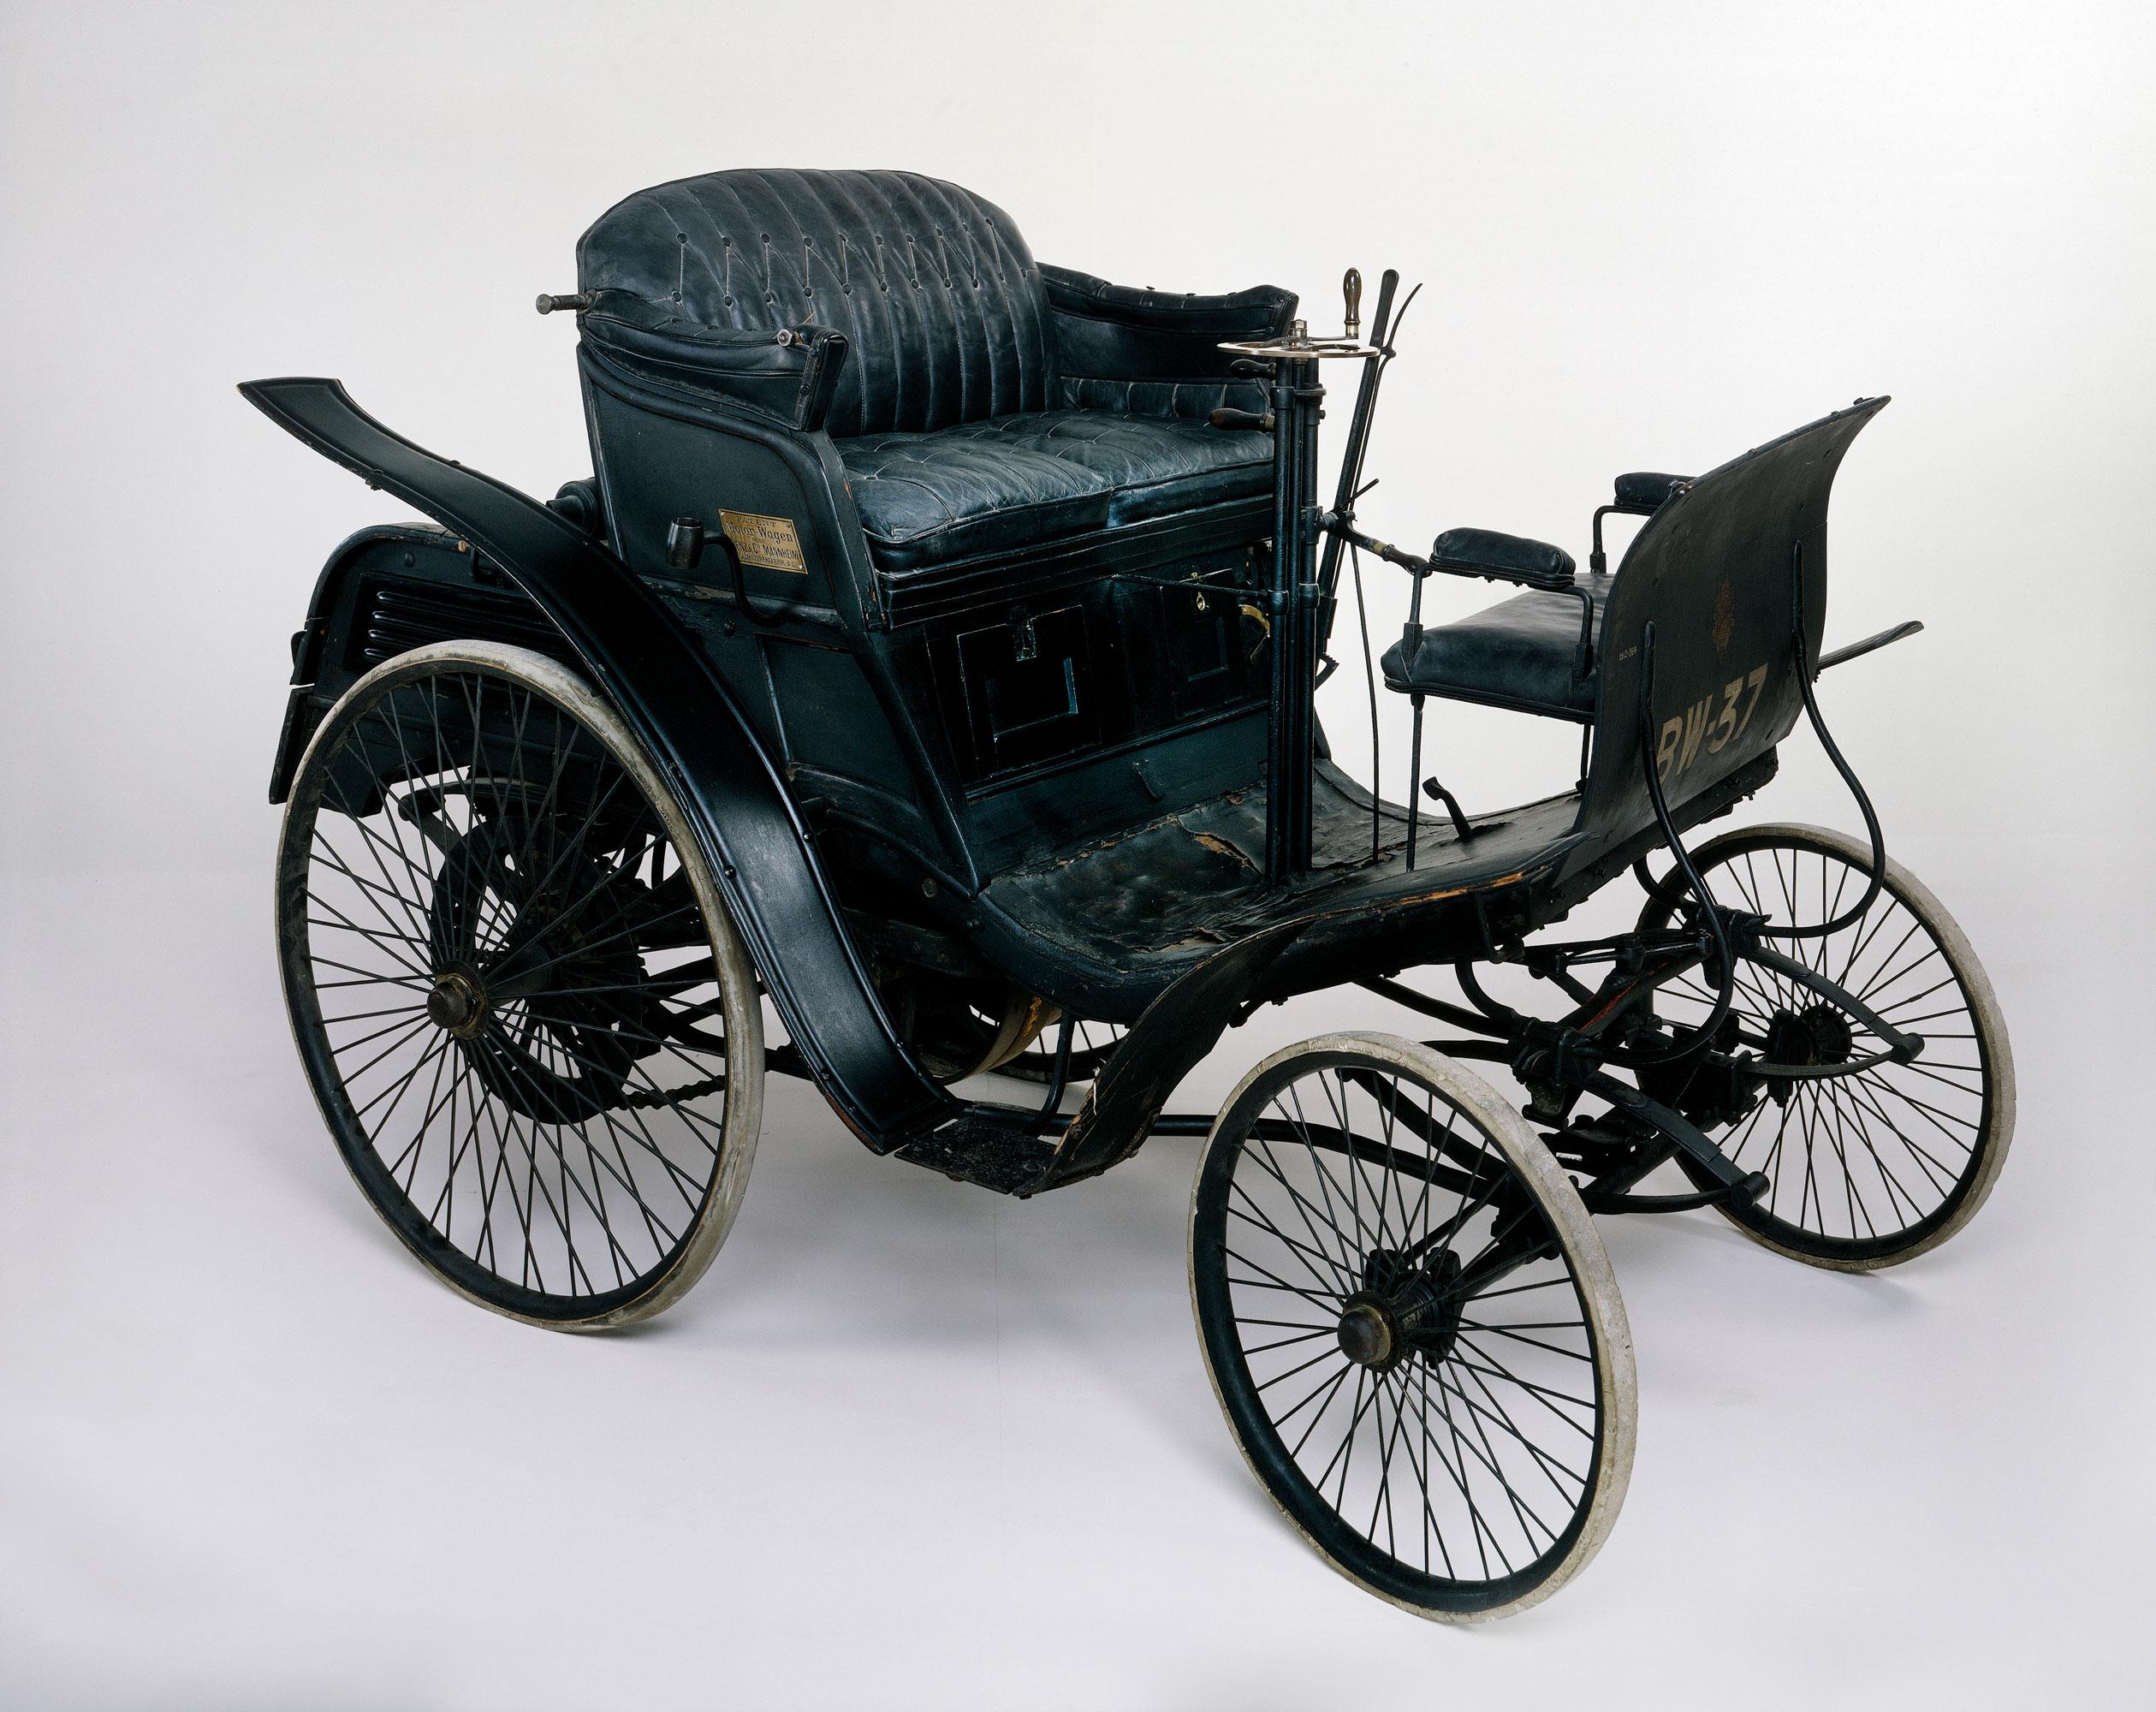 An 1898 Benz Velo veteran car